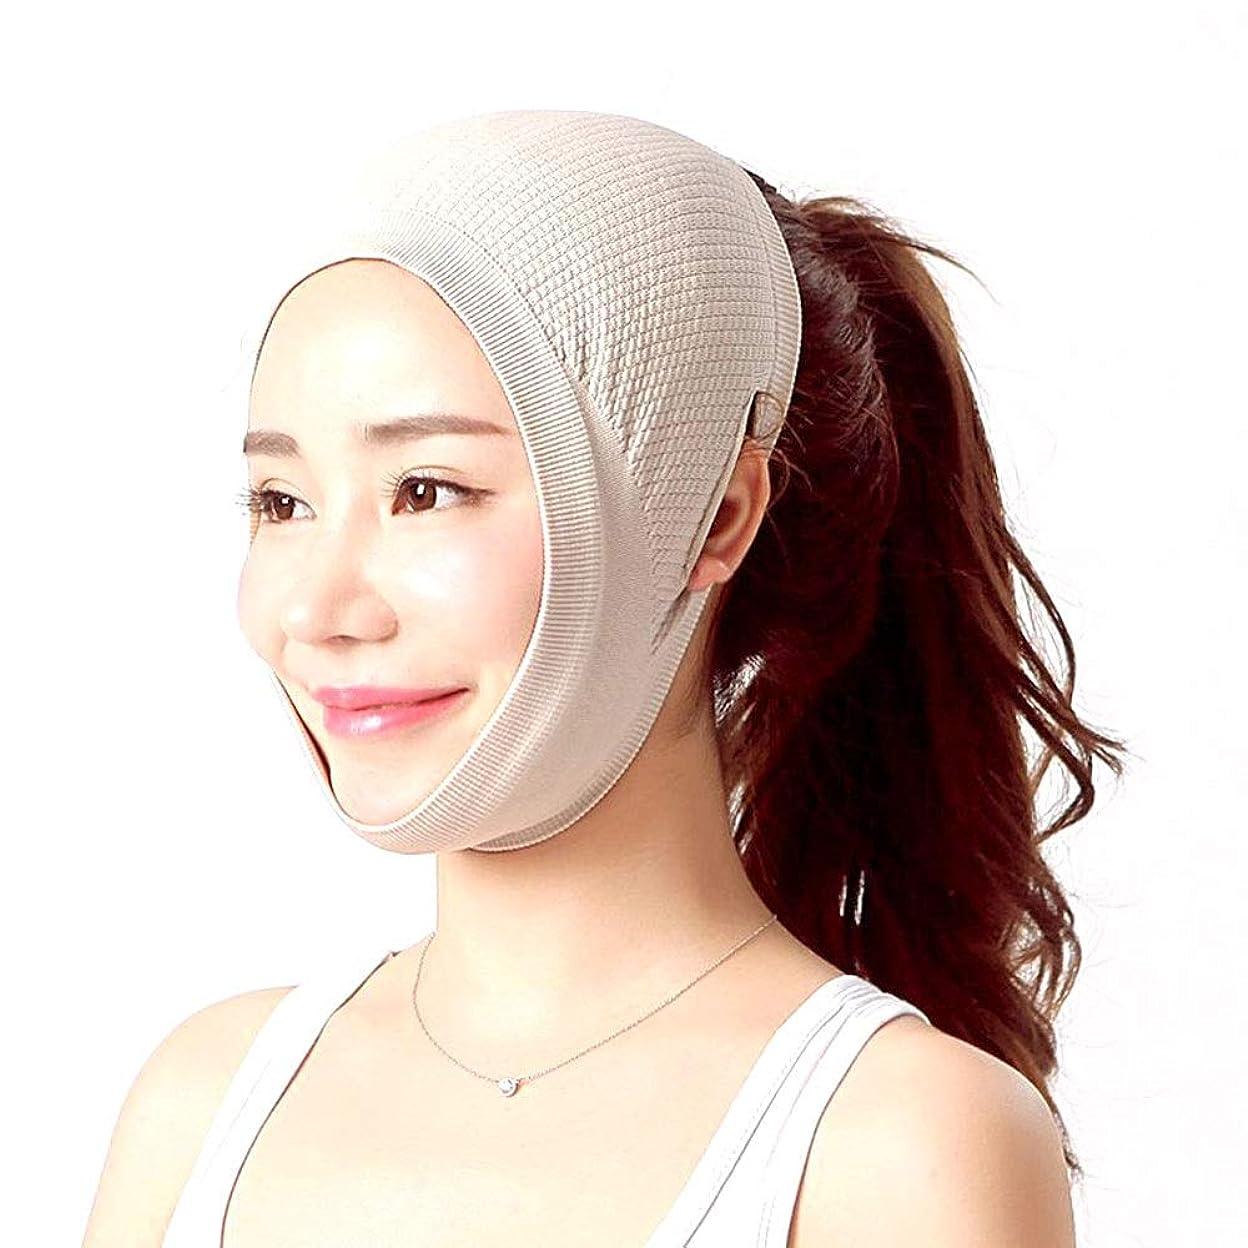 必要性然としたあいまいJia Jia- フェイスリフティングアーティファクト包帯ライン術後回復包帯リフティングフェイスフードVフェイス包帯リフティングVフェイス美容マスク - 肌のトーン 顔面包帯